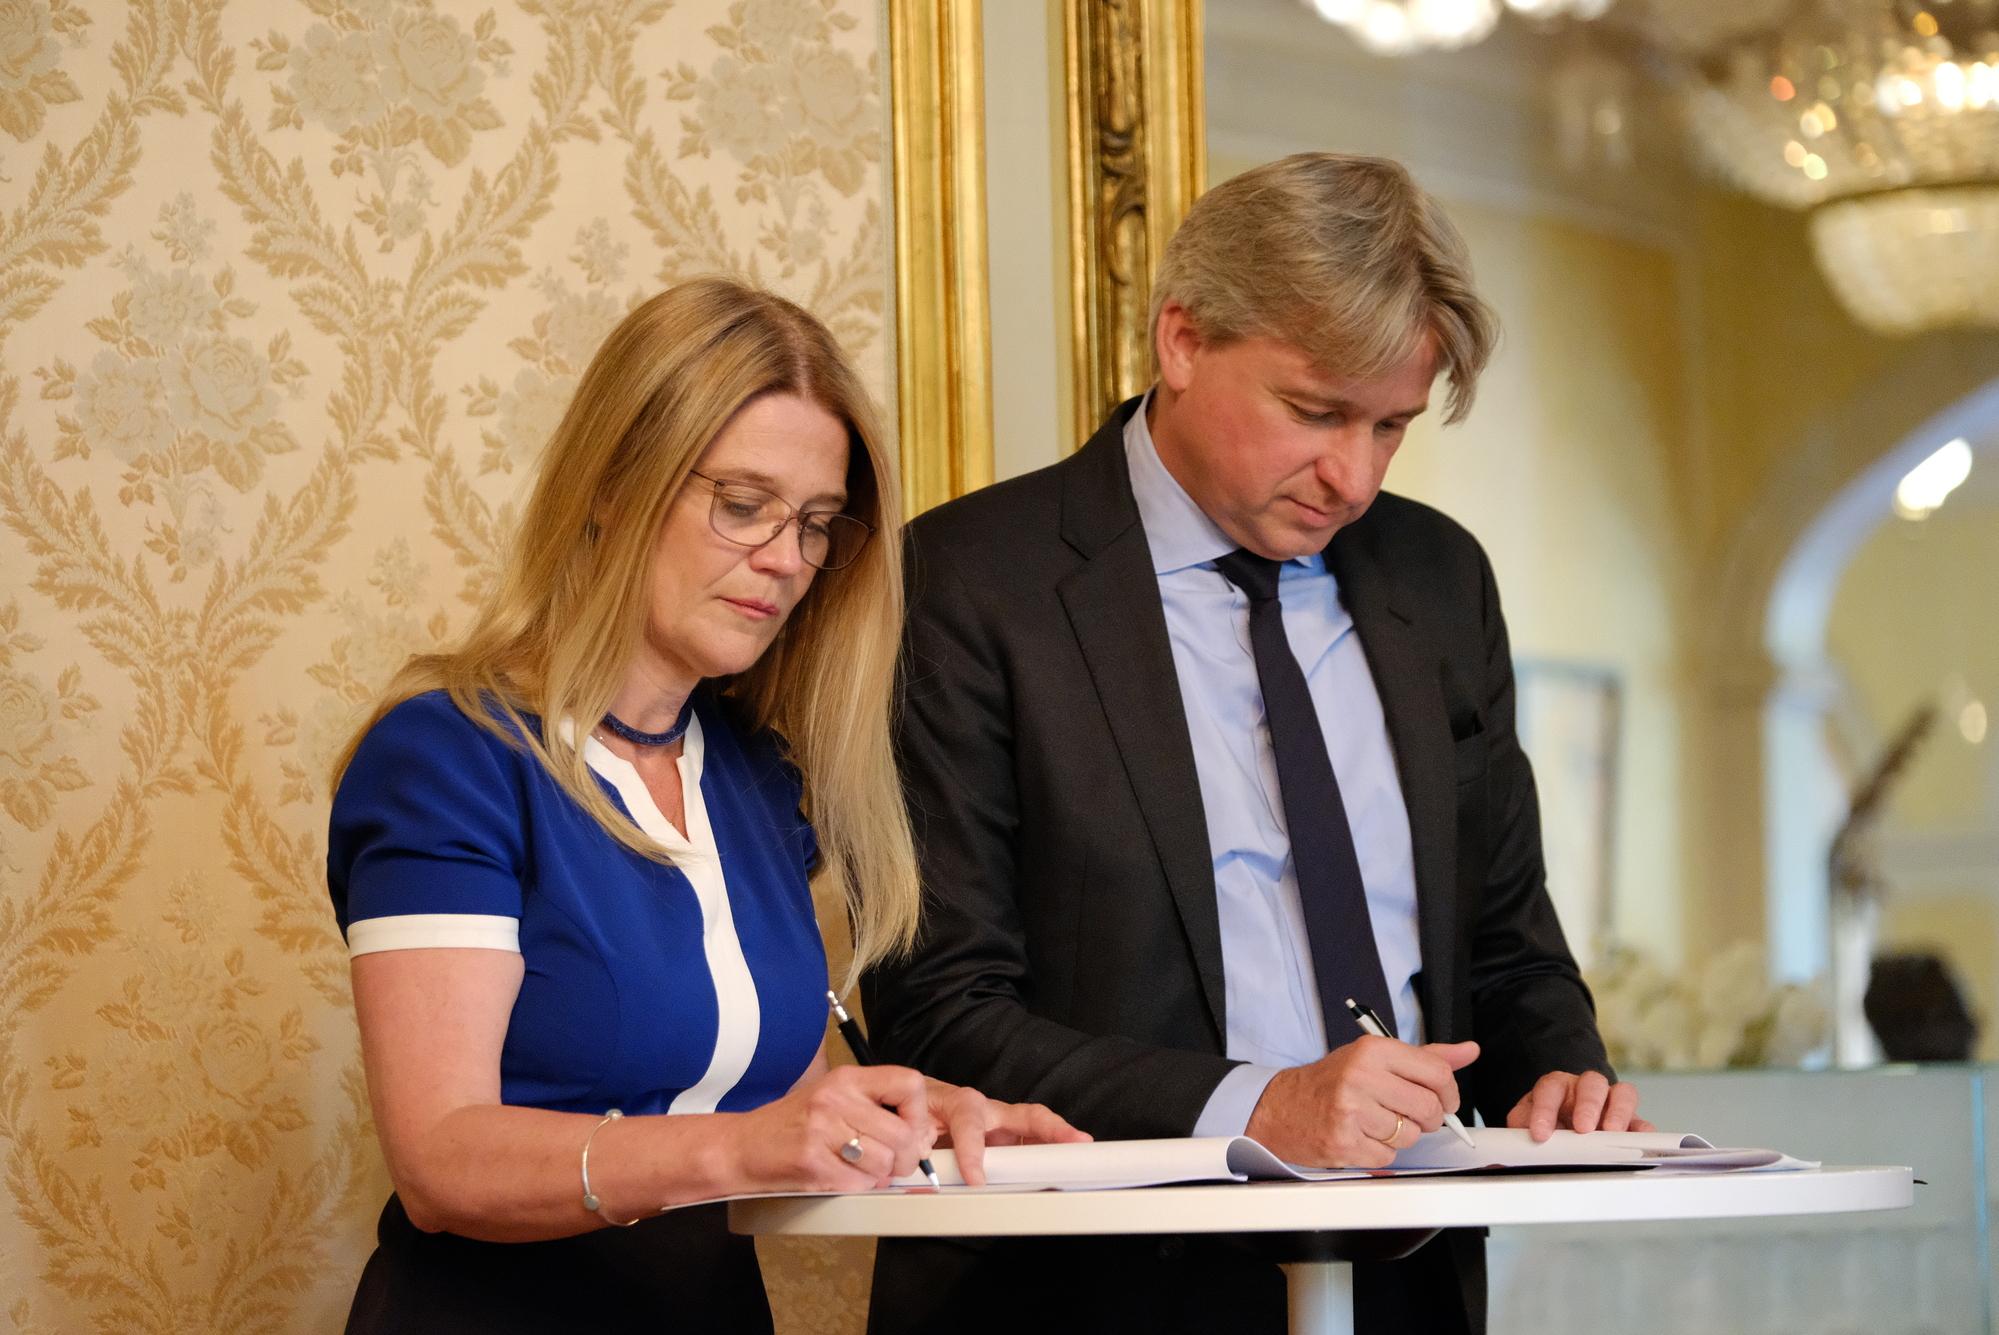 Juergen Boos und Margit Walsø bei der Unterzeichnung des Partnerschaftsvertrages©Eivind Røhne